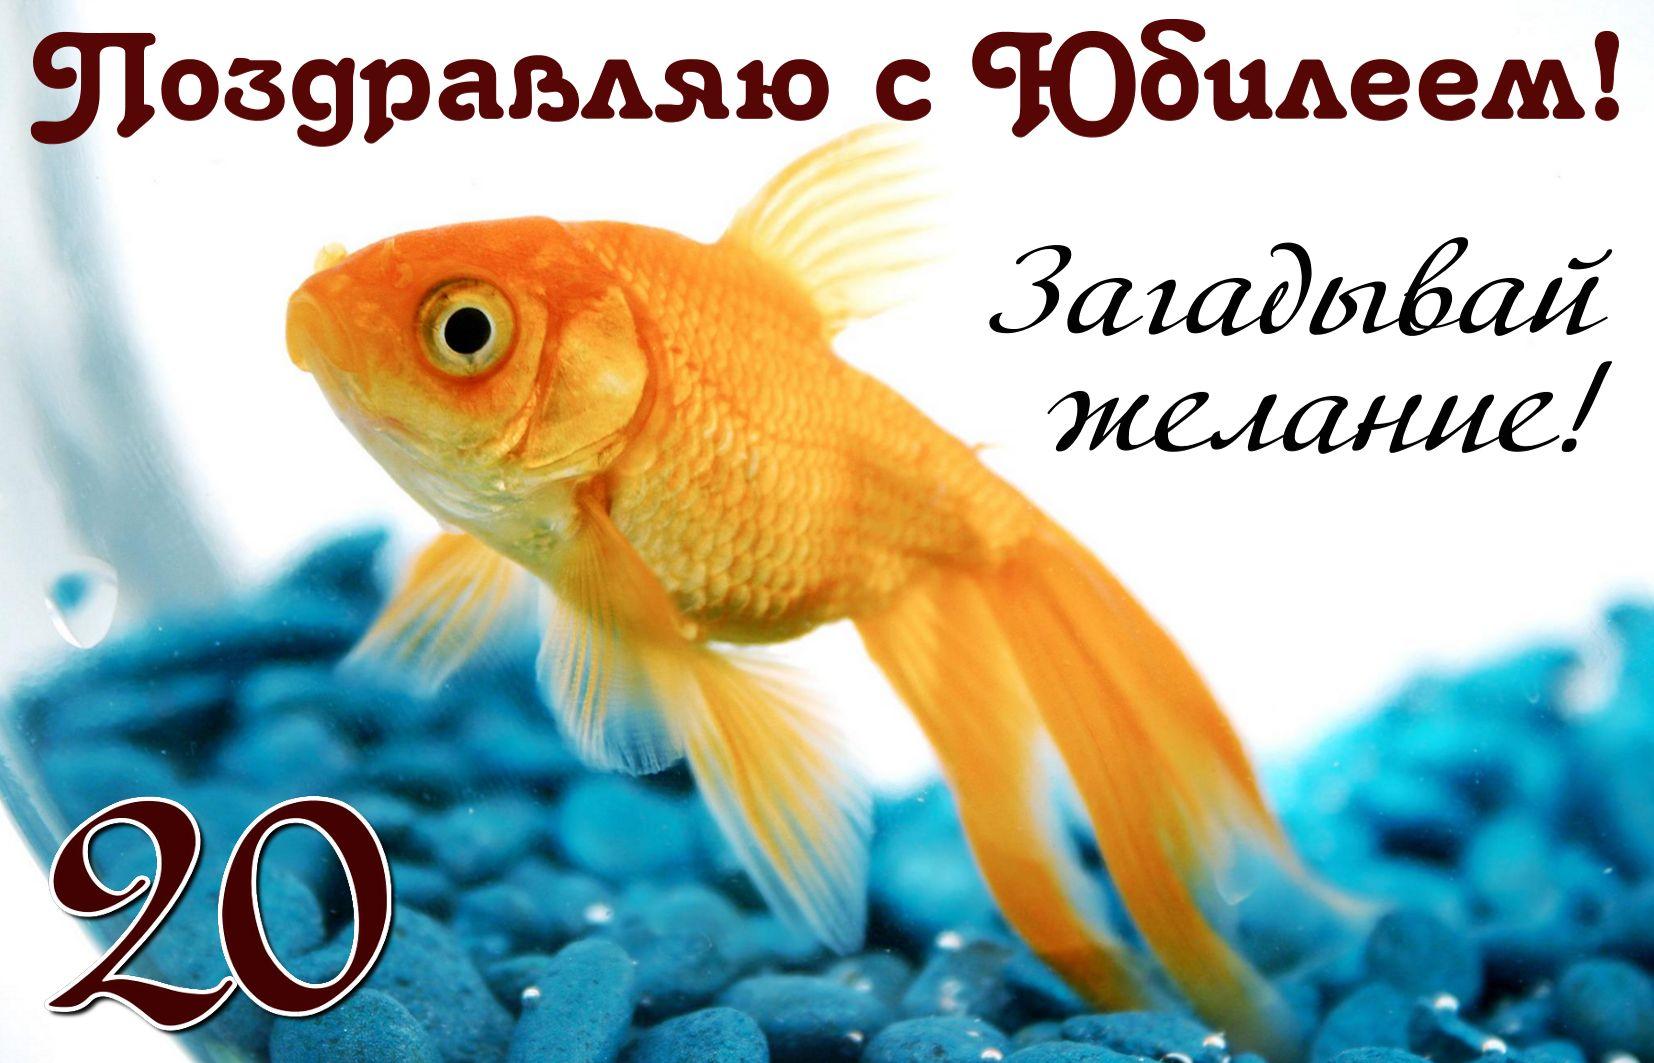 Открытка с золотой рыбкой на фоне синих камешков